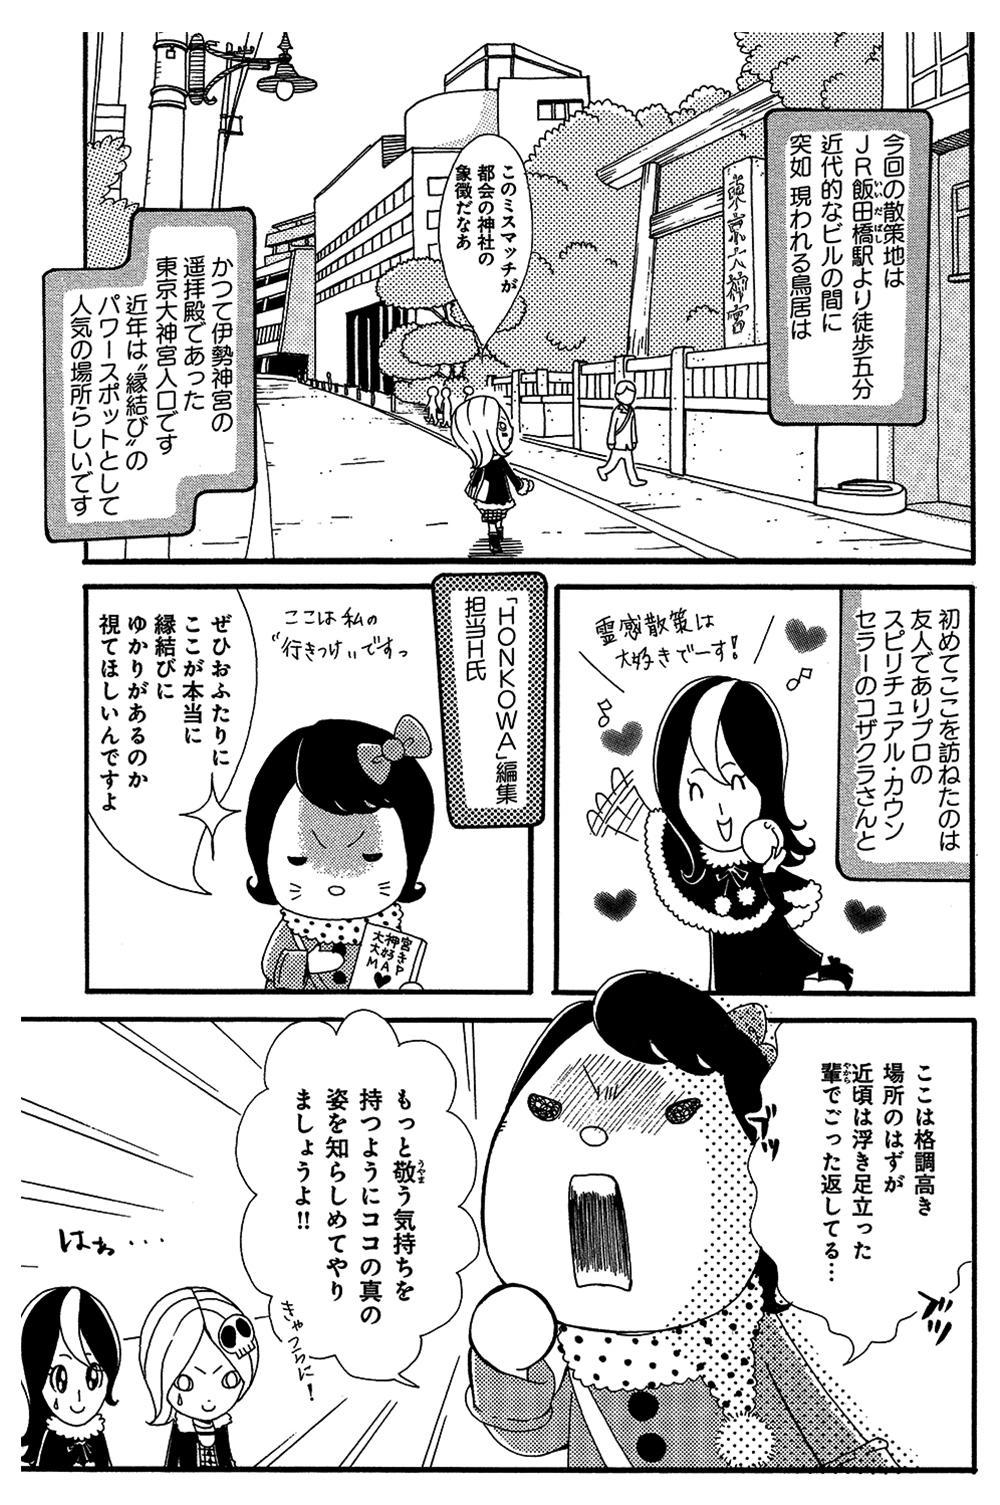 スピ☆散歩 第1話「東京大神宮」①spi0013.jpg